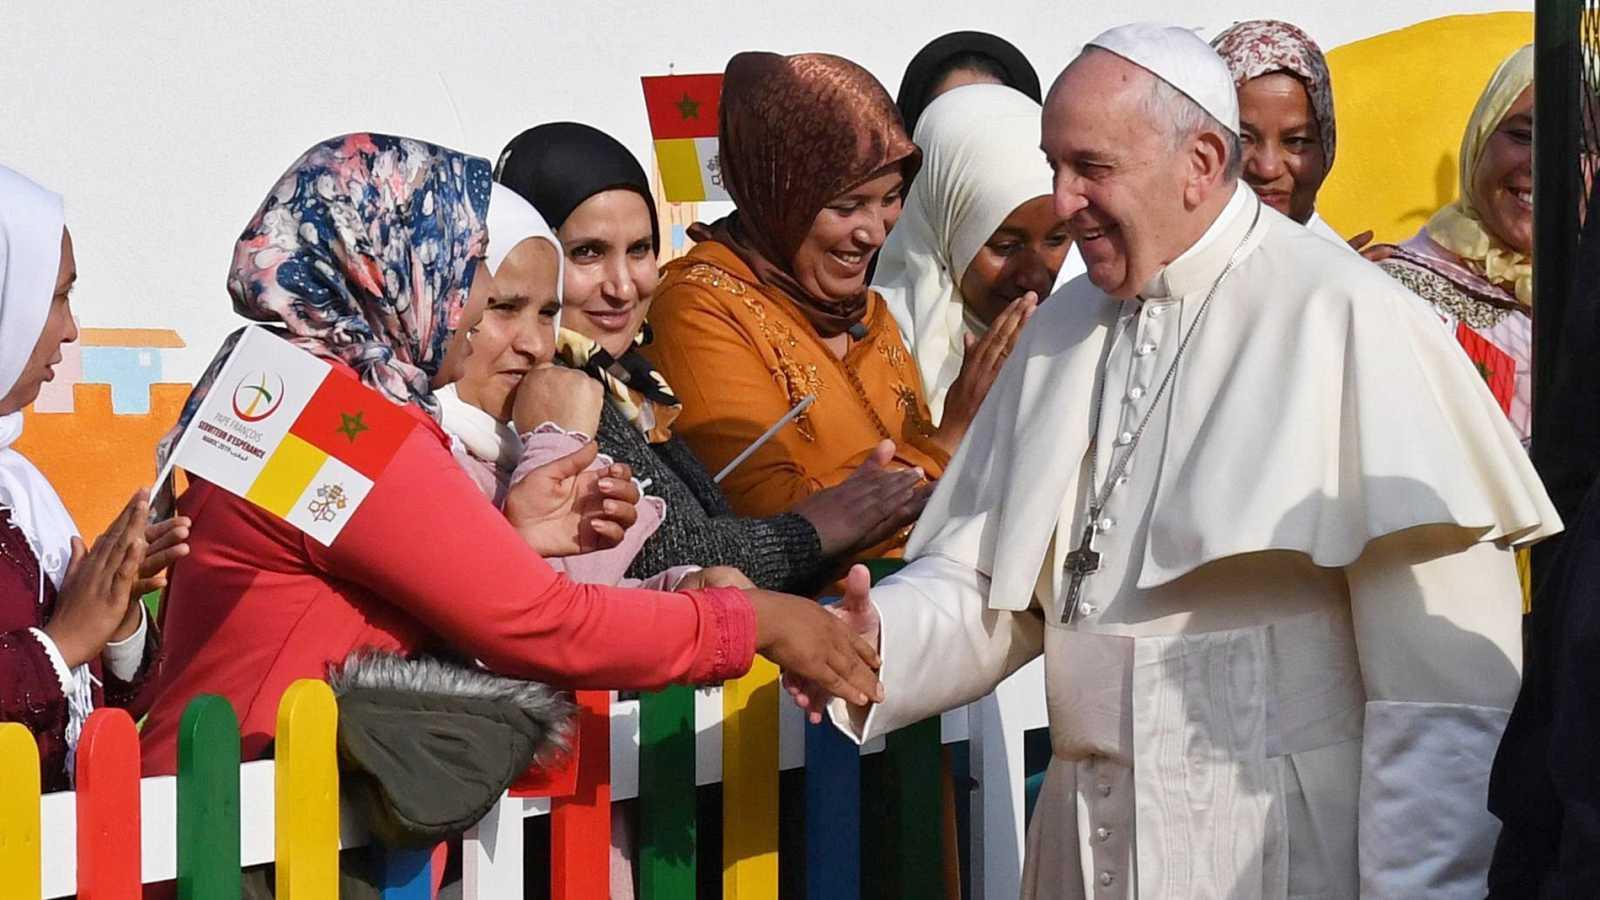 El papa finaliza su visita a Marruecos con una misa en la que hace un llamamiento al diálogo con los musulmanes